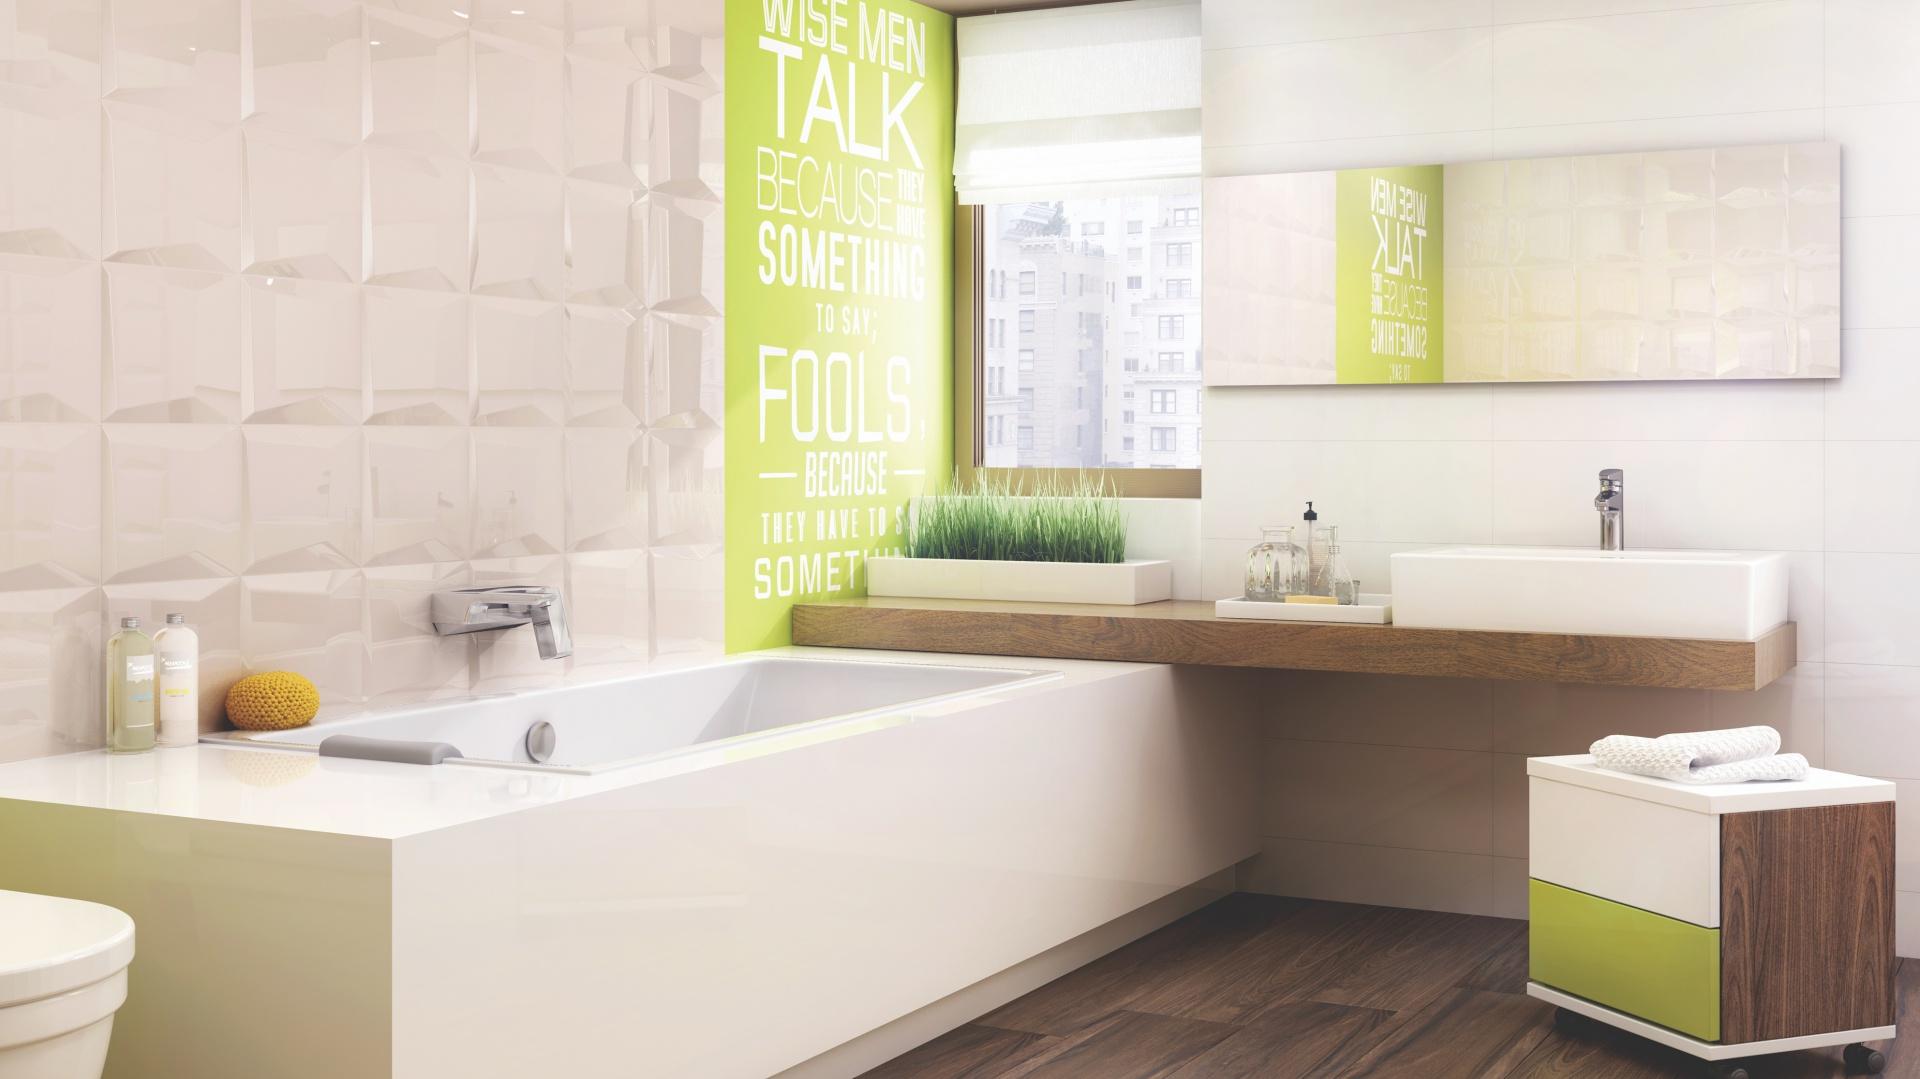 Modna łazienka Wybierz Płytki W Jasnych Kolorach